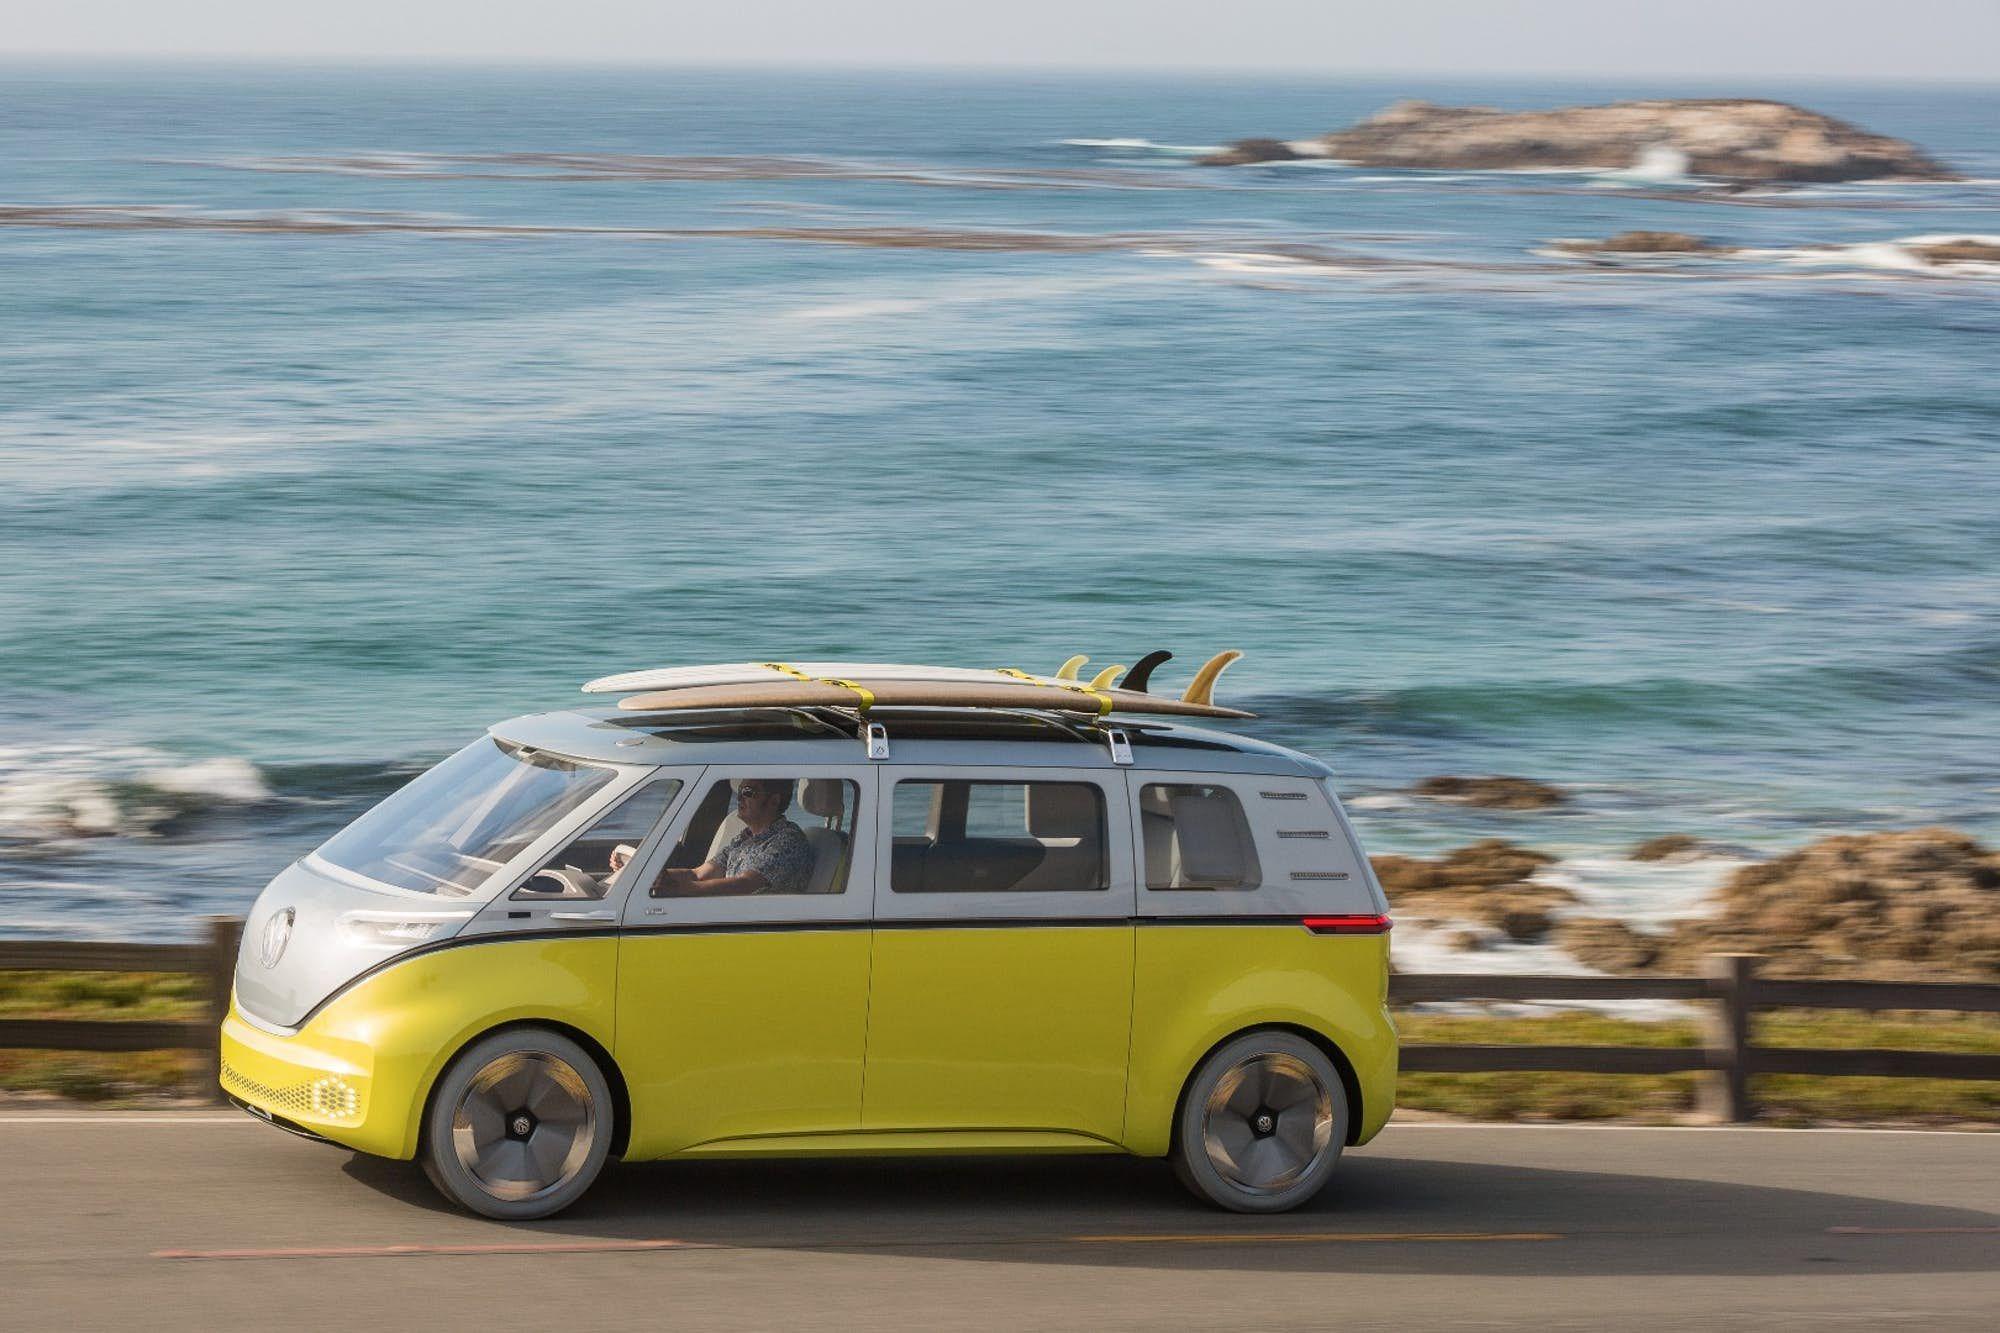 Volkswagen's I.D. Buzz autonomous electric Kombi van gets